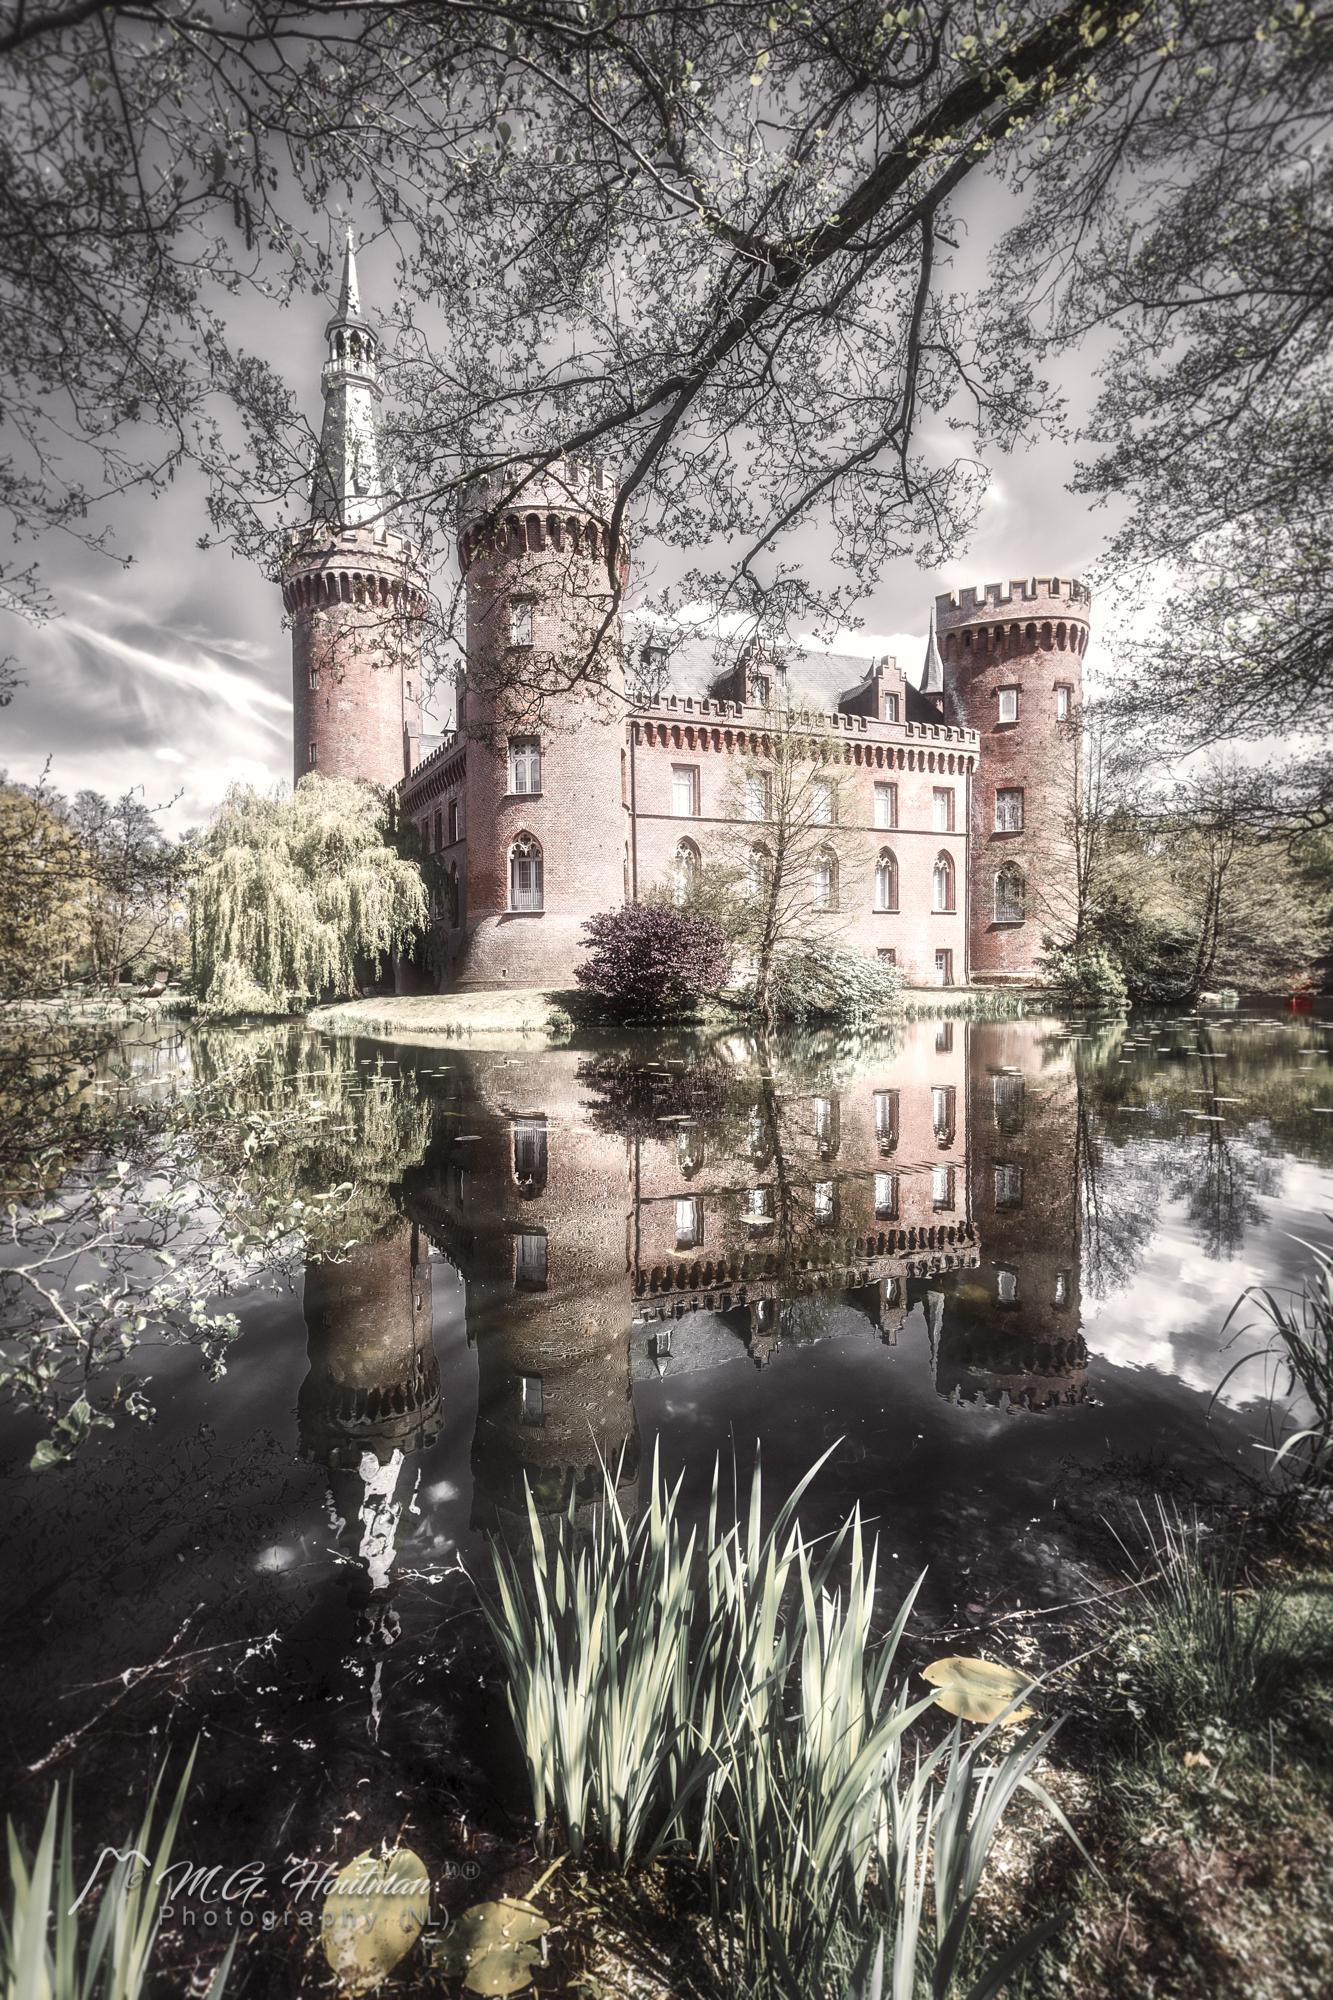 Schloss Moyland - Till-Moyland